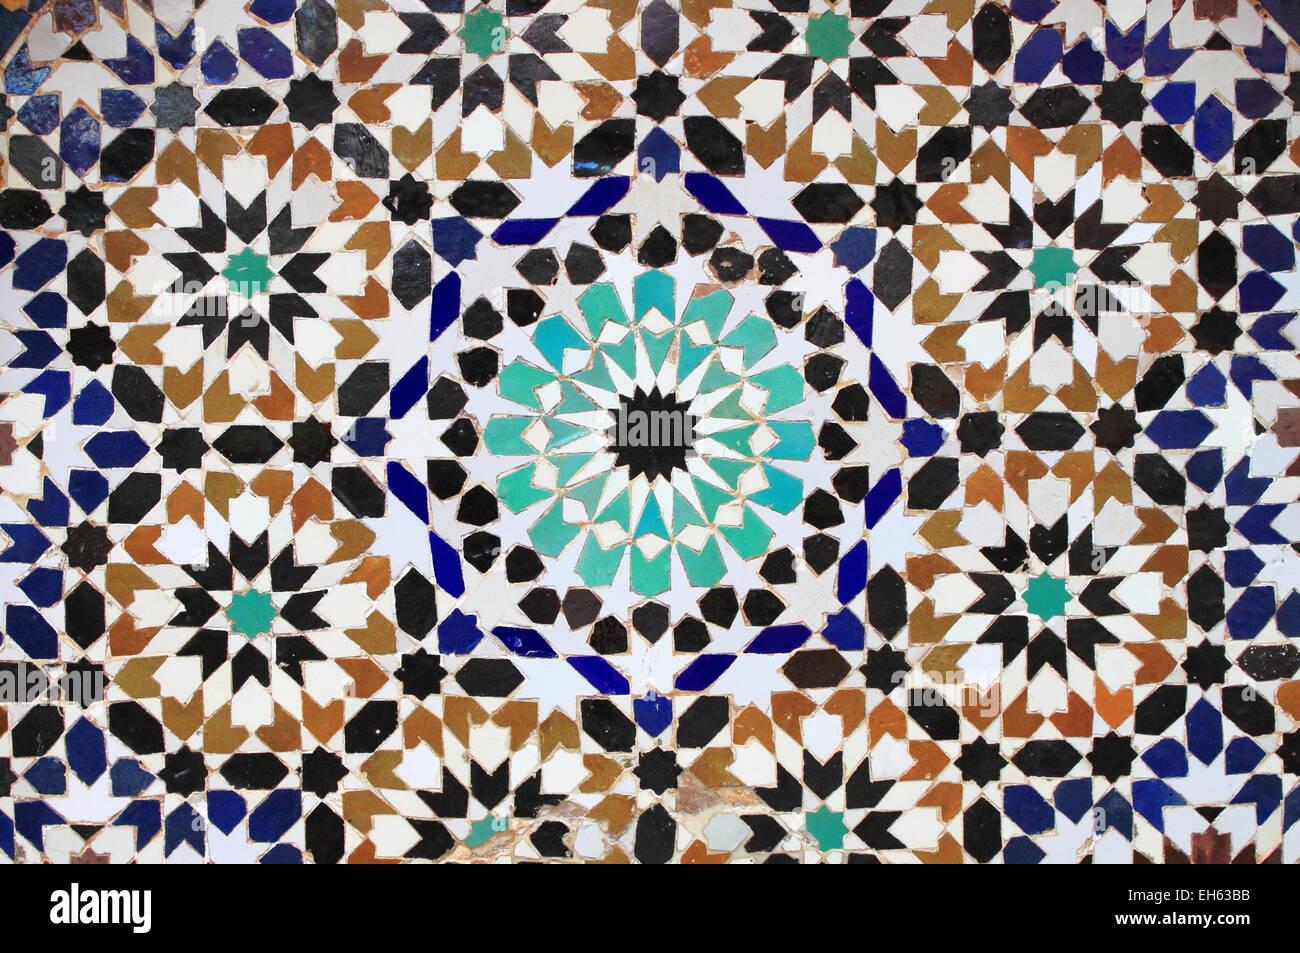 typische mosaik muster von einem marokkanischen brunnen - Mosaik Muster